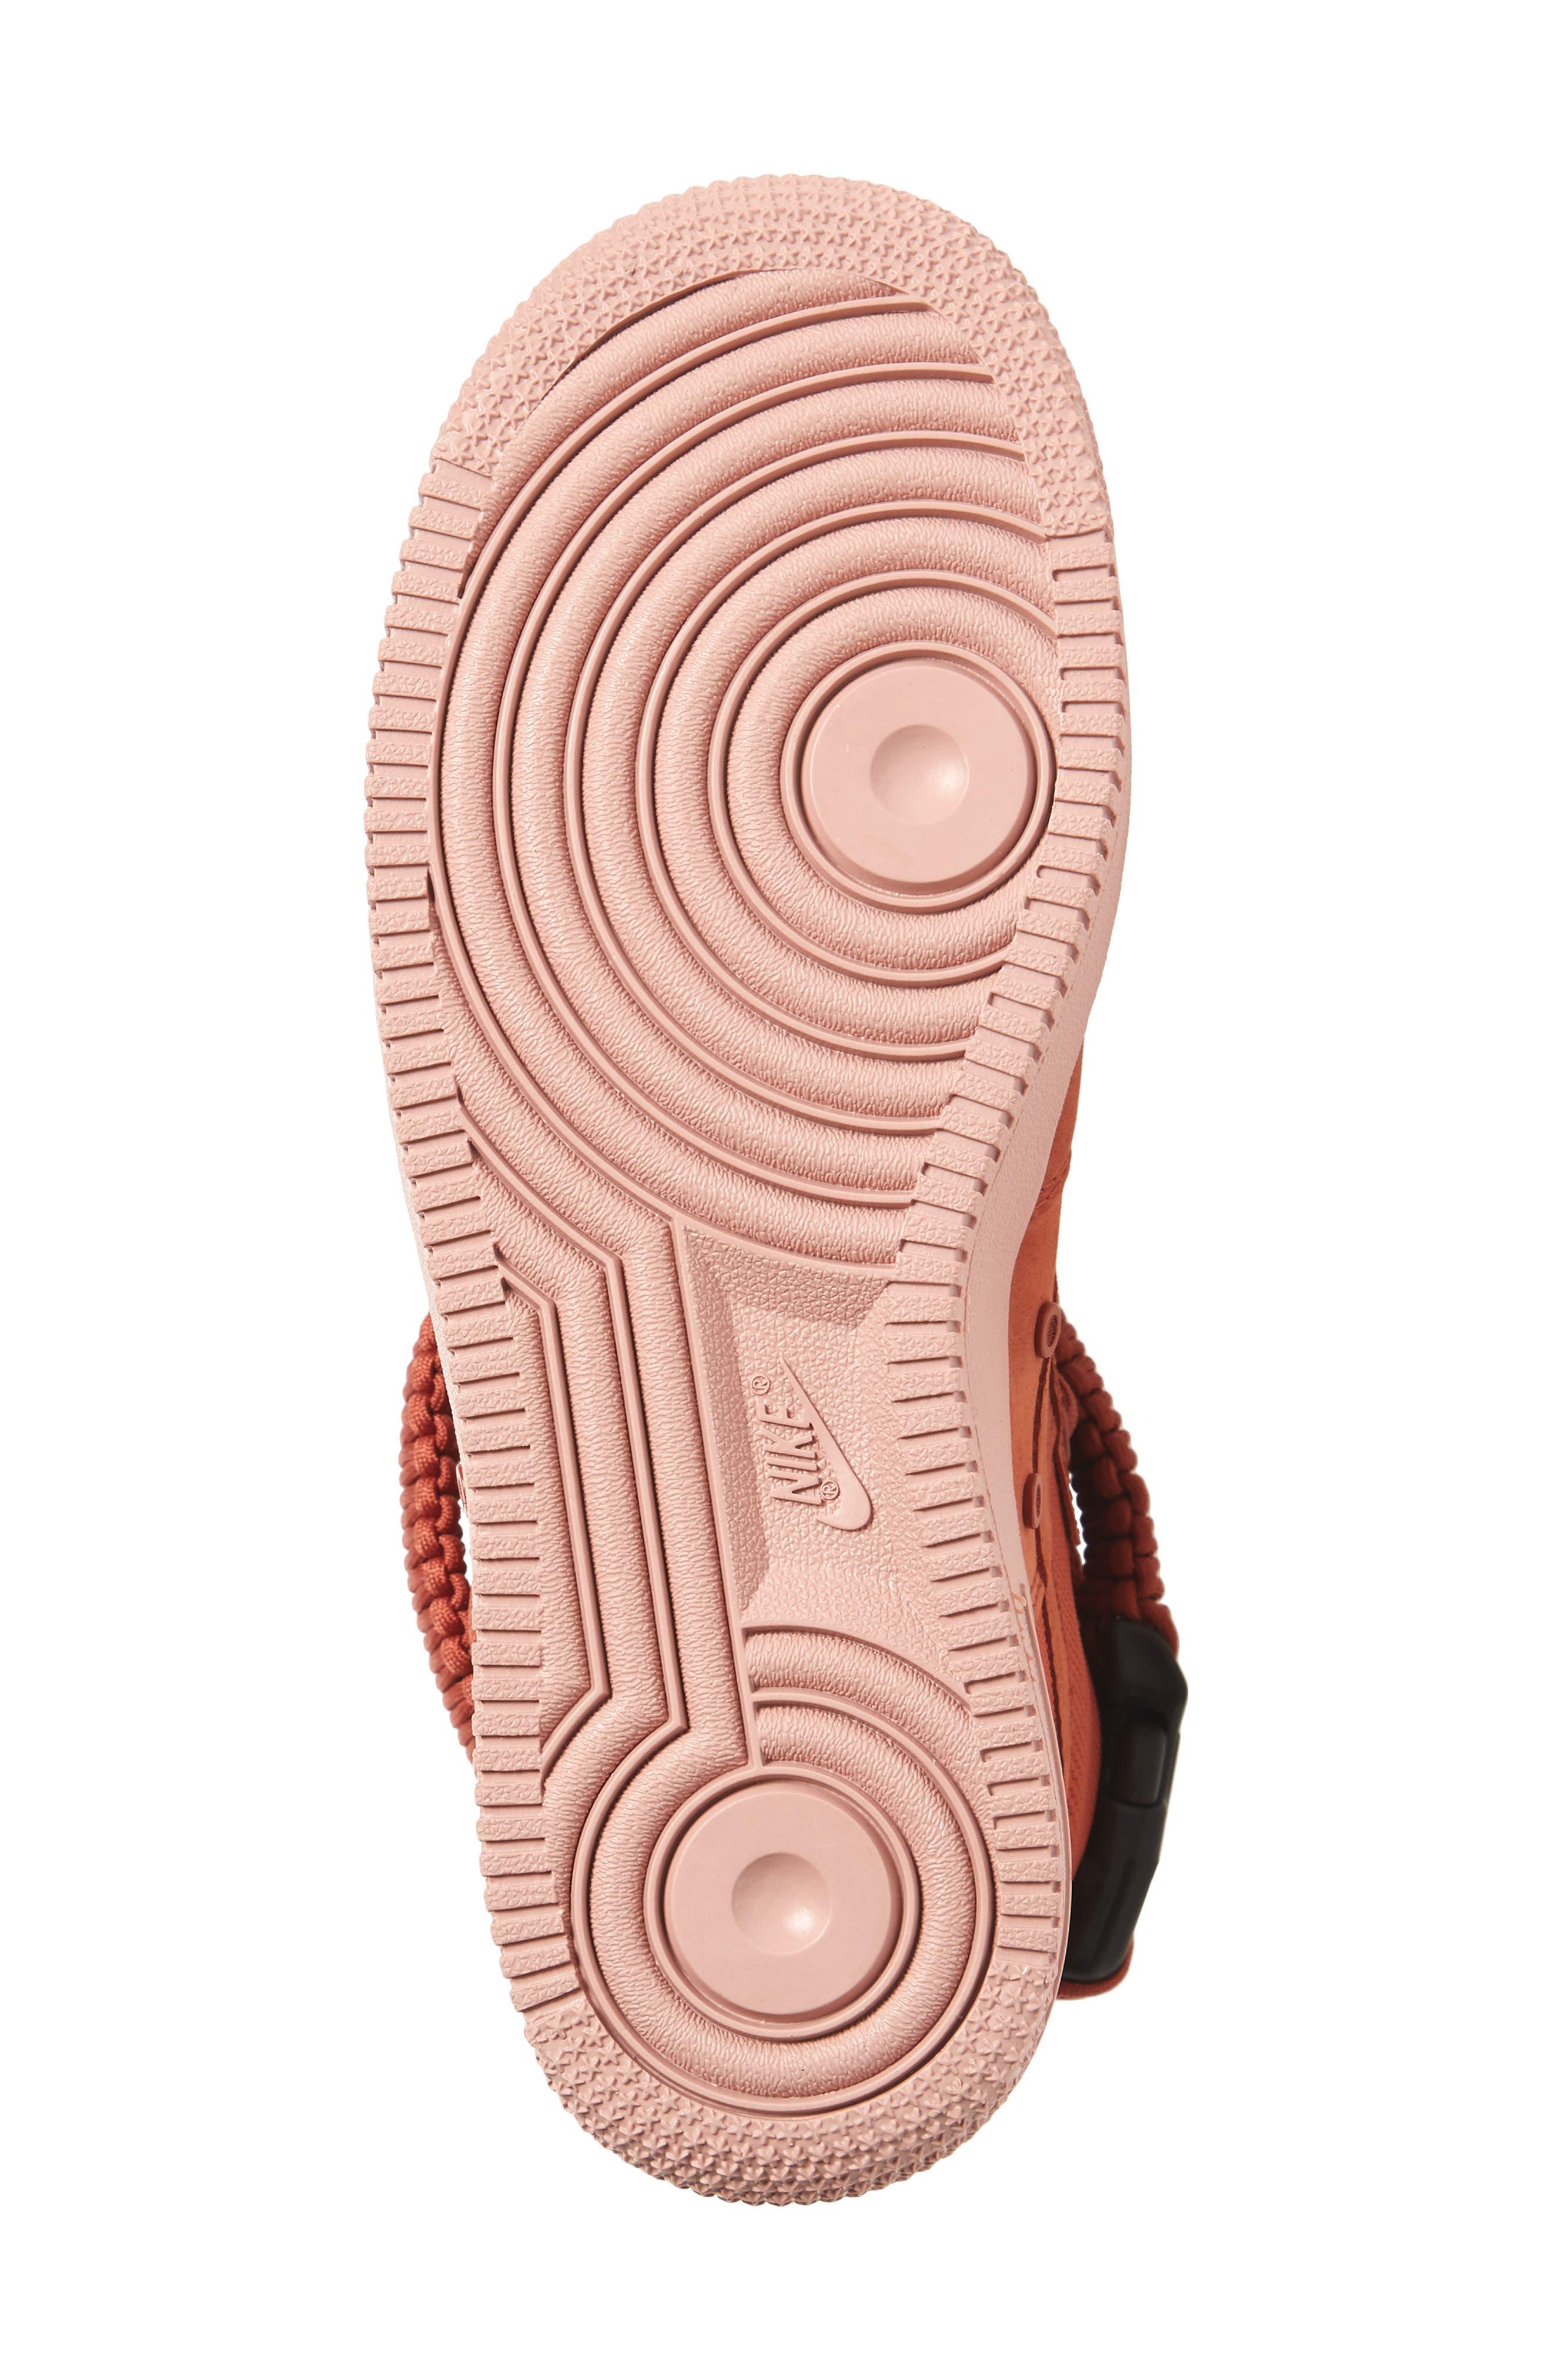 SF Air Force 1 High Top Sneaker,                             Alternate thumbnail 6, color,                             Dusty Peach/ Dusty Peach